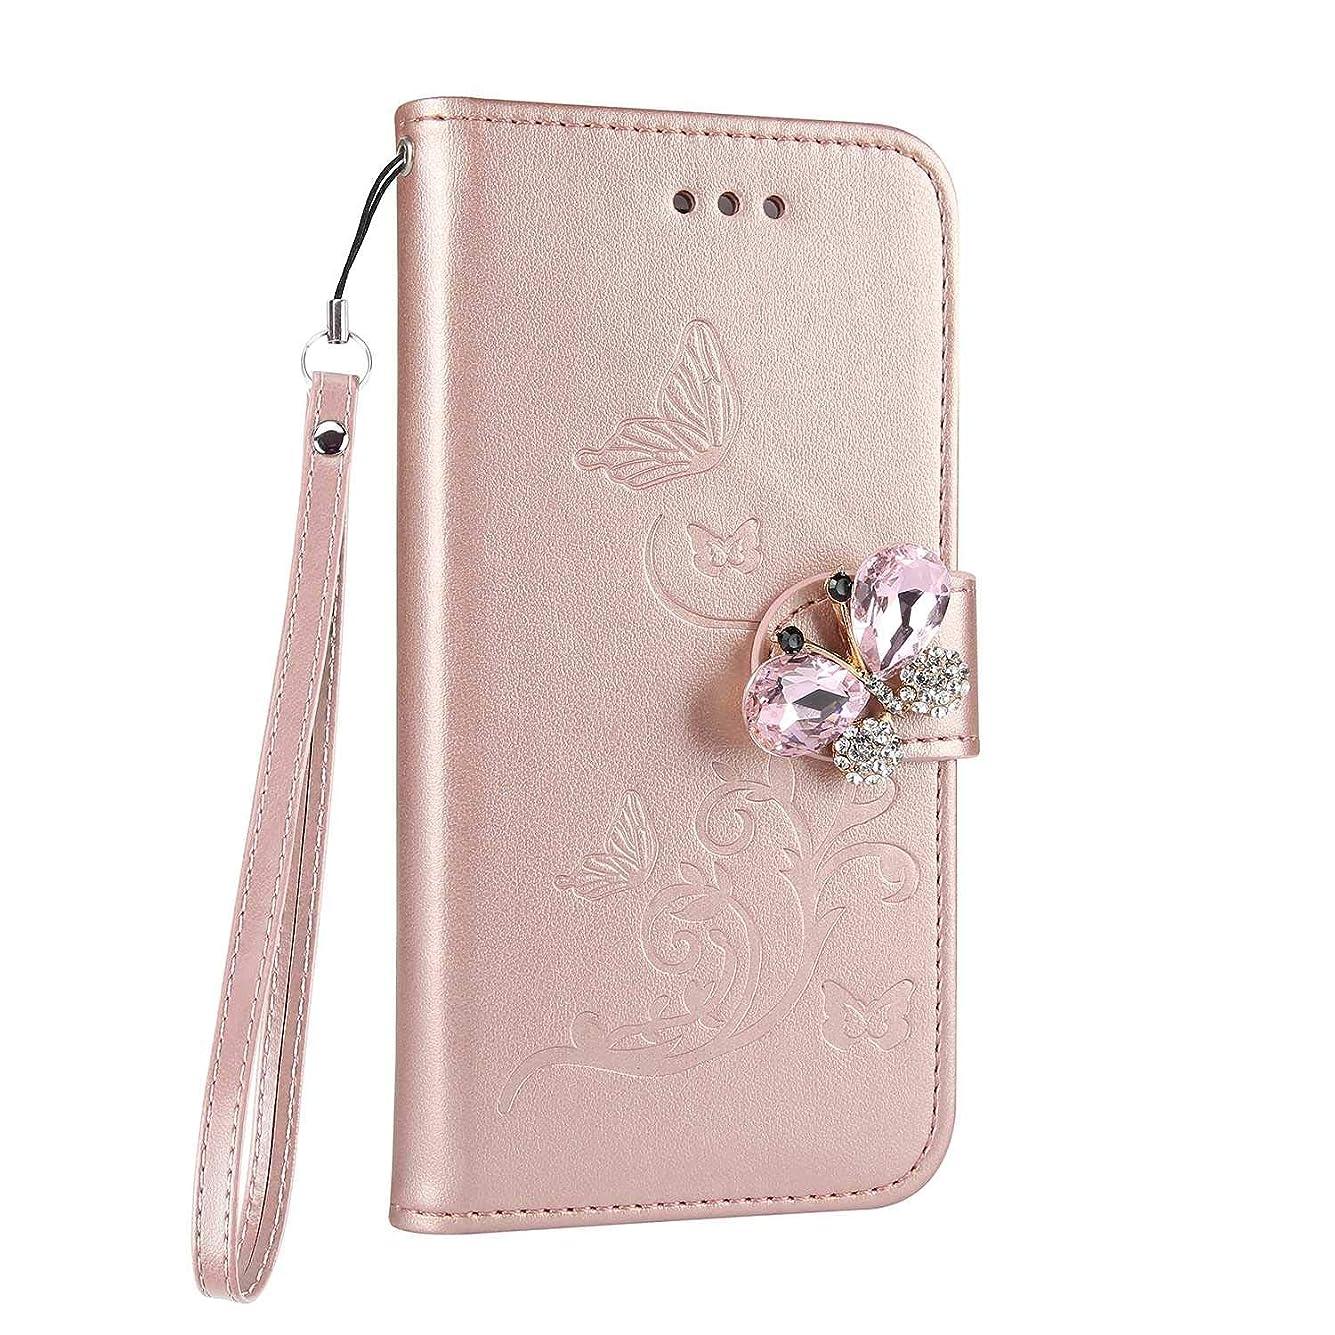 流行噂時間Galaxy S8 ケース手帳型 高級感 薄型 PUレザー クリスタル ダイヤモンド 磁気バックル 落下防止 衝撃吸収 財布型 ケース